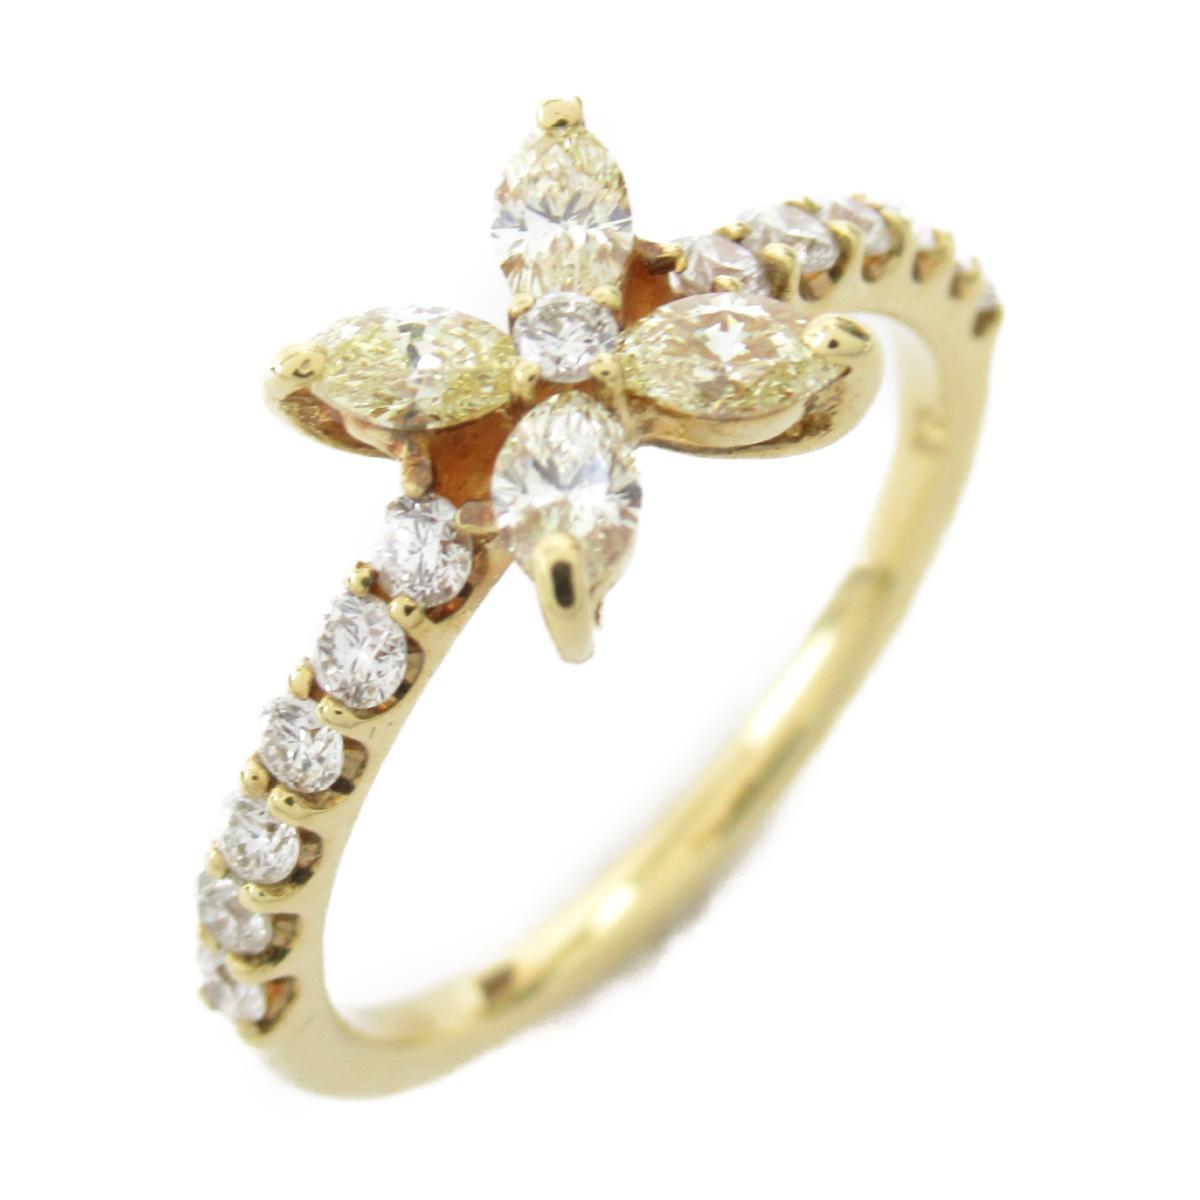 ジュエリー ダイヤモンド リング 指輪 ノーブランドジュエリー レディース K18YG (750) イエローゴールド x ダイヤモンド0.50ct 【中古】 | JEWELRY BRANDOFF ブランドオフ アクセサリー